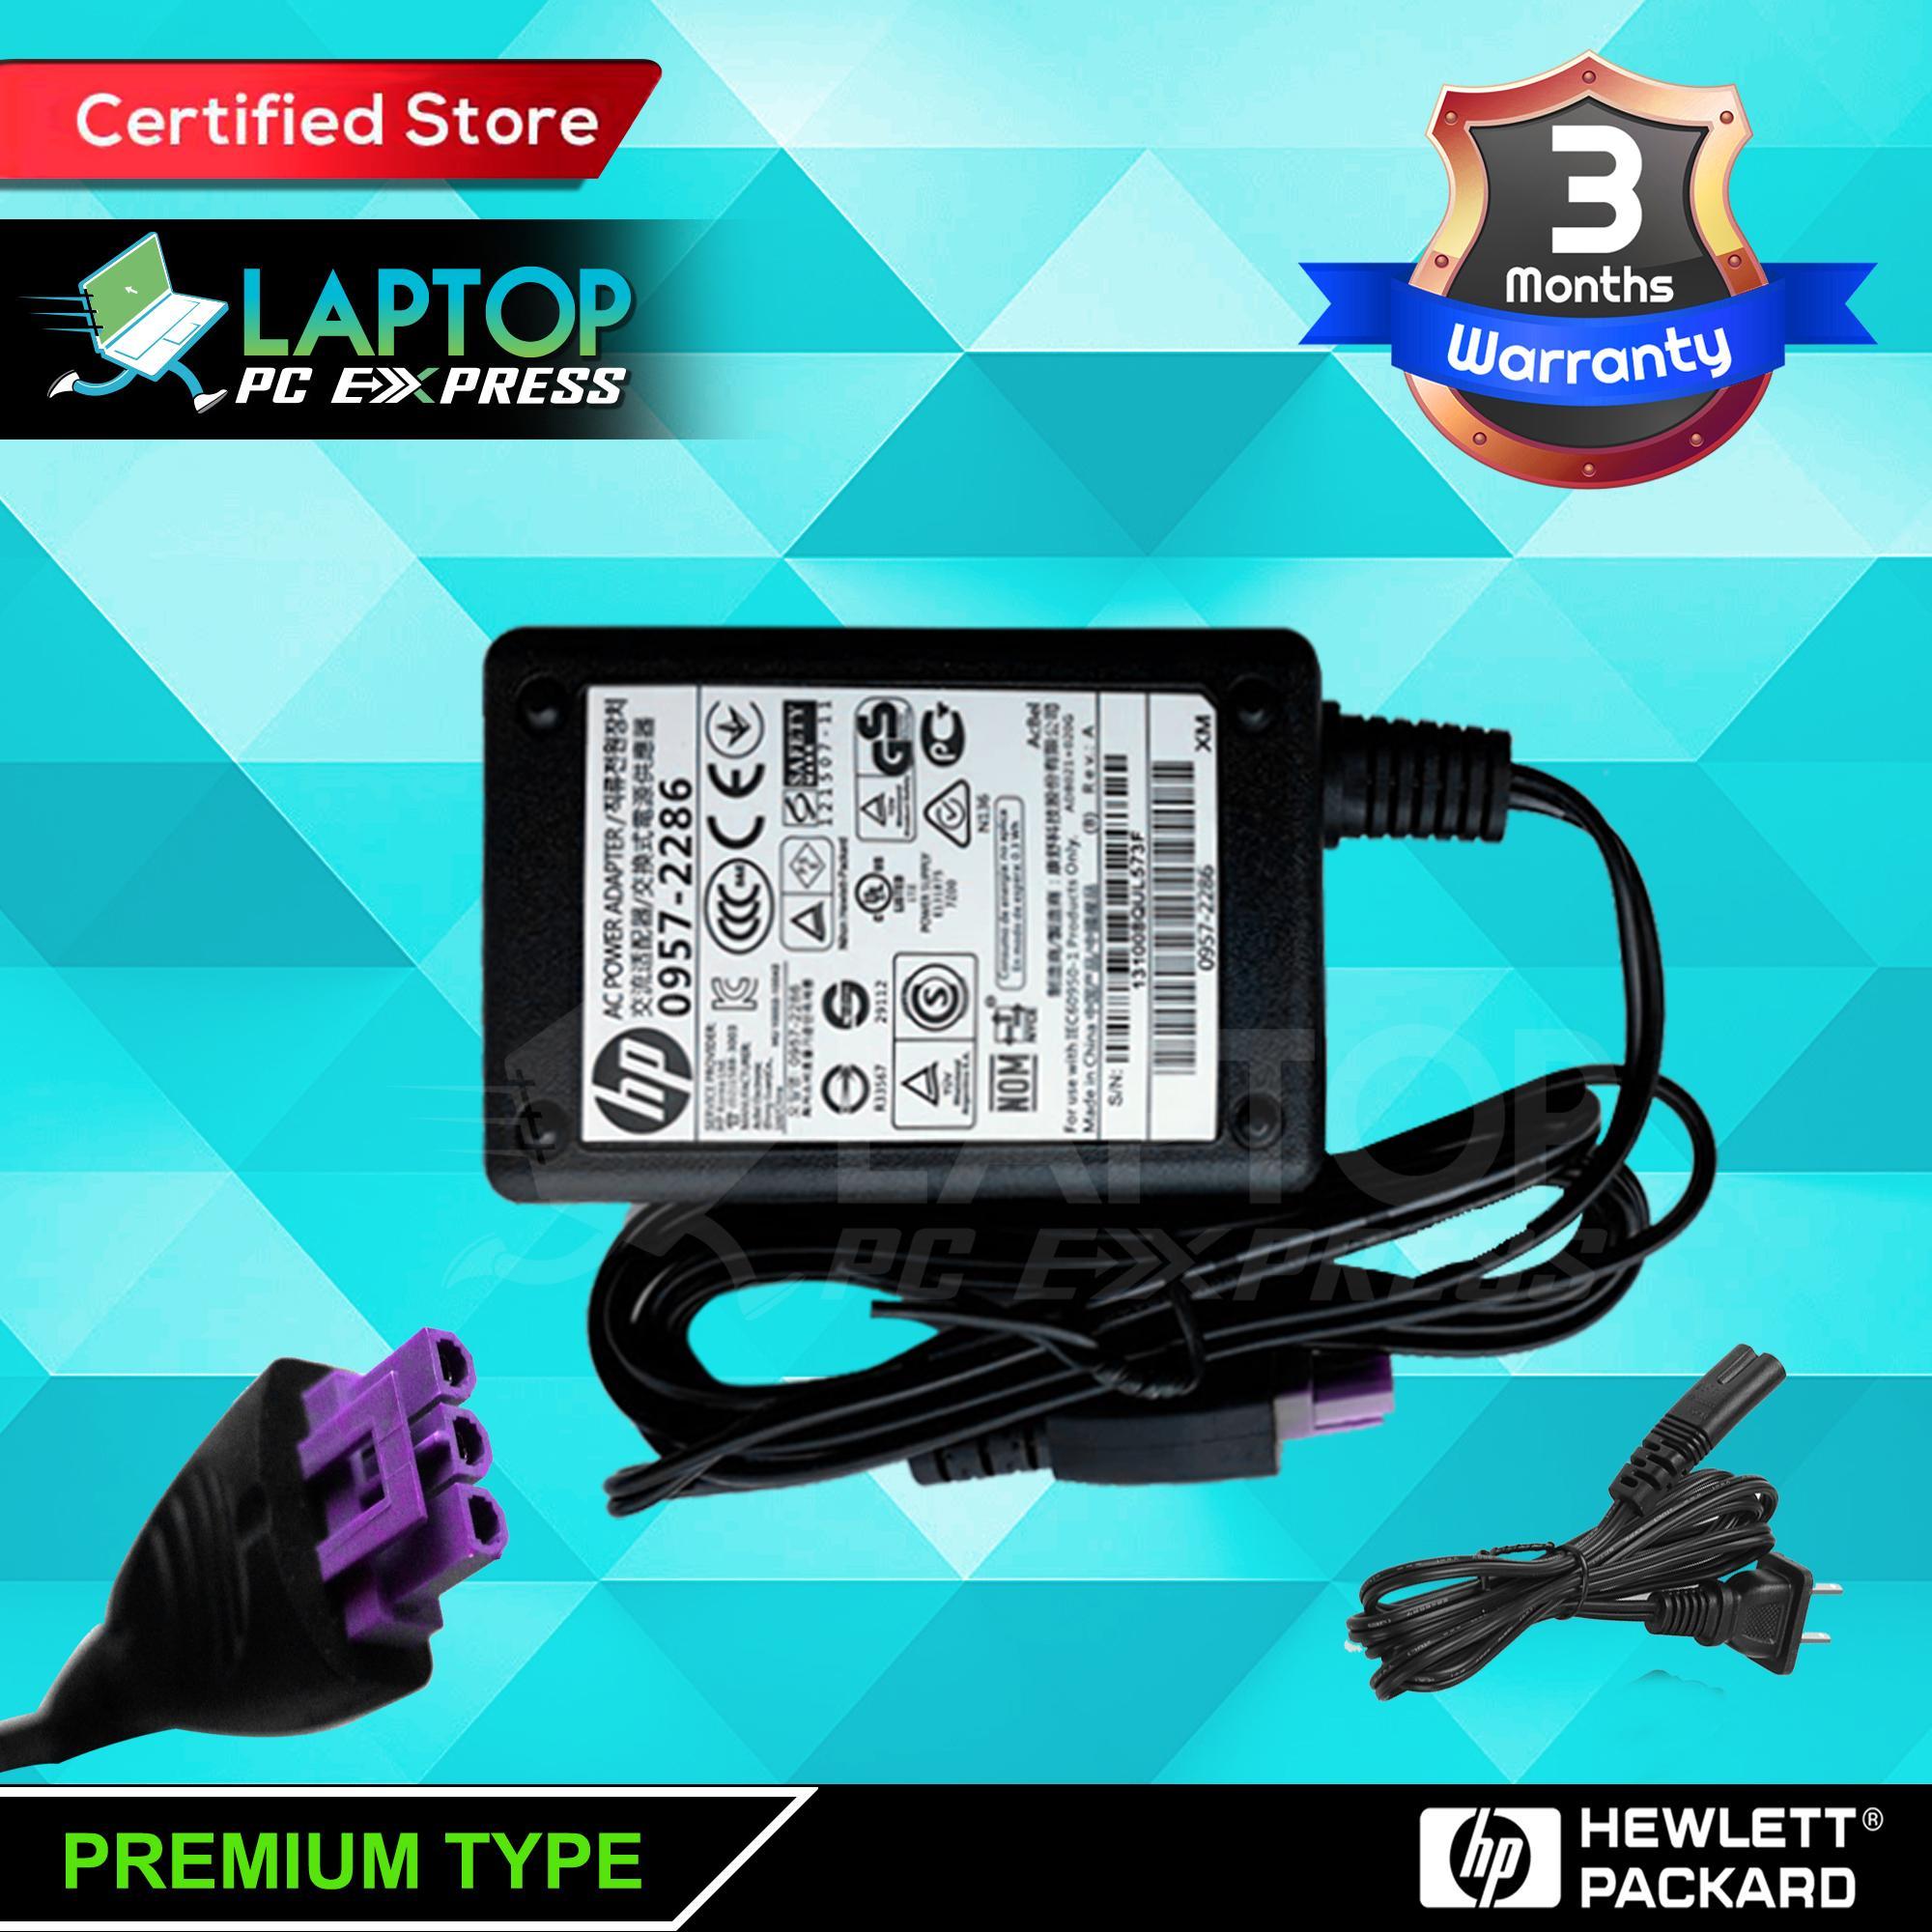 AC Power Supply Adapter for HP Deskjet 1050 1000 2050 2000 2060 Printer  0957-2286 30V 333mA Printer